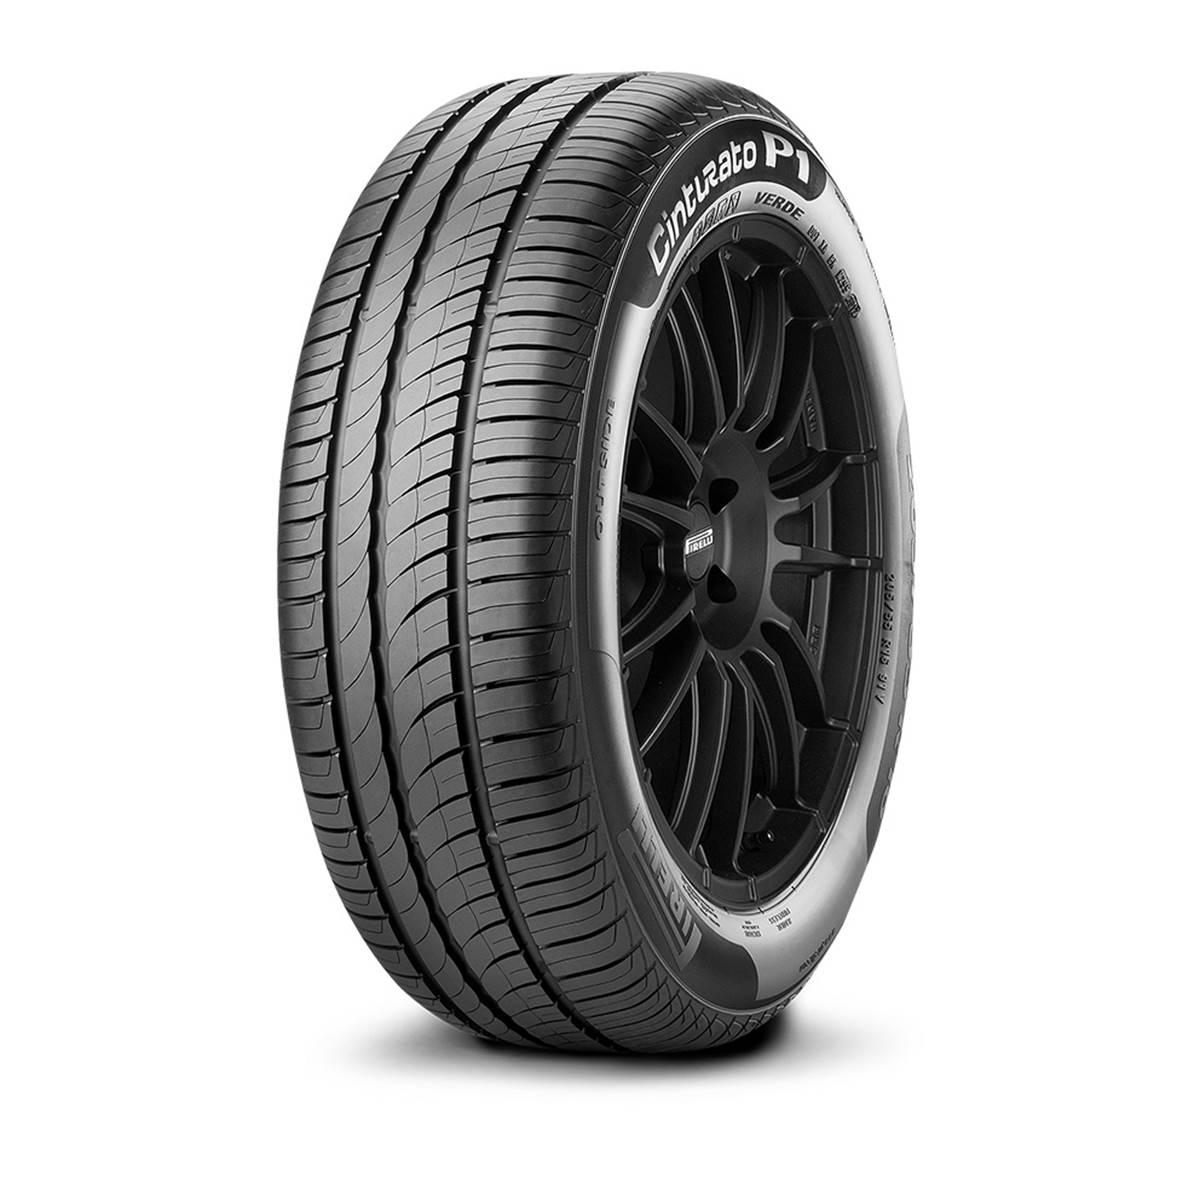 Pneu Pirelli 195/55R15 85H Cinturato P1